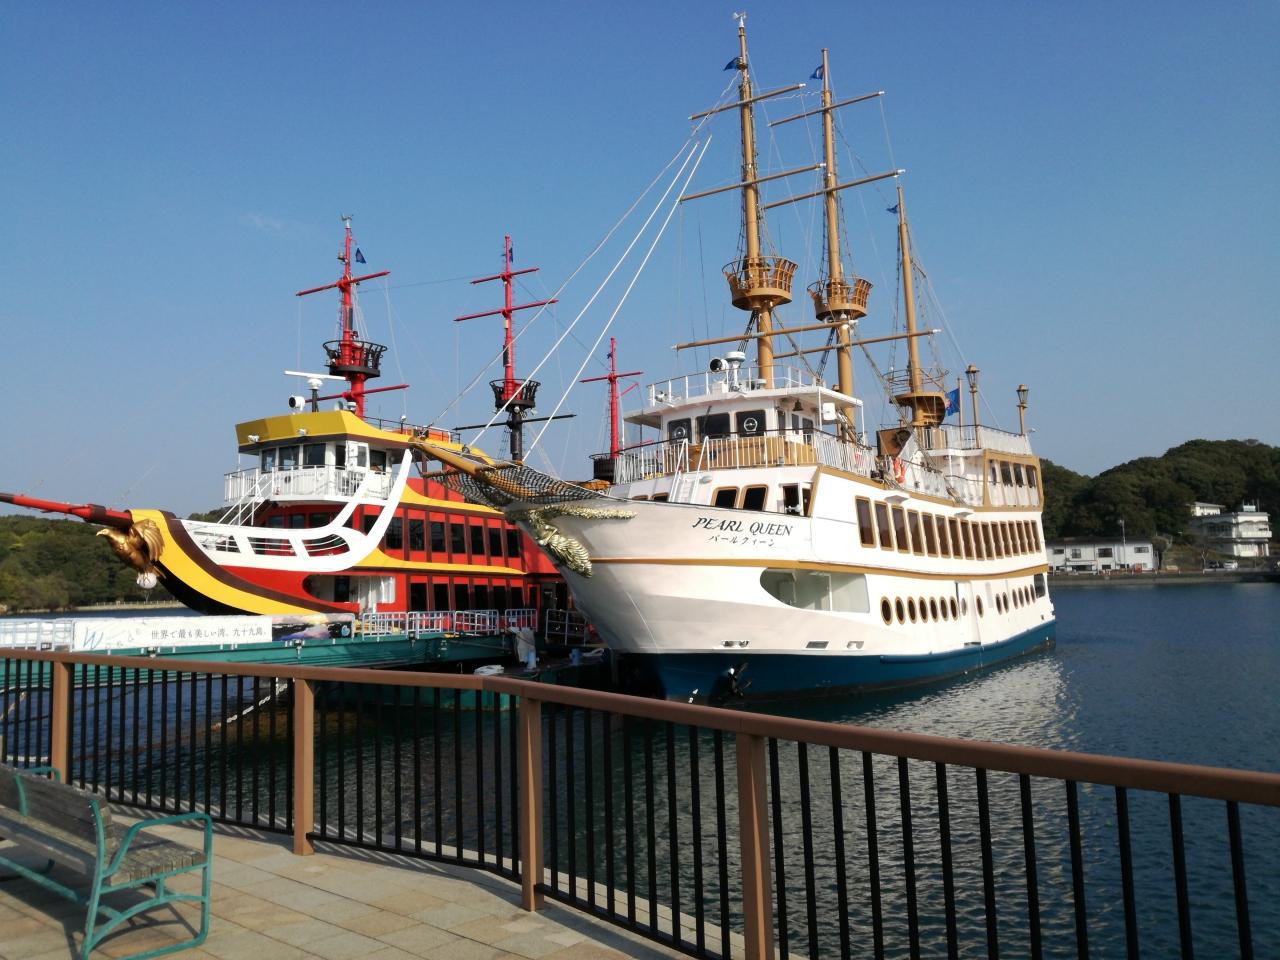 九十九島観光のおすすめを紹介 パールシーリゾートの観光船や水族館海きらら、ツアー・体験など